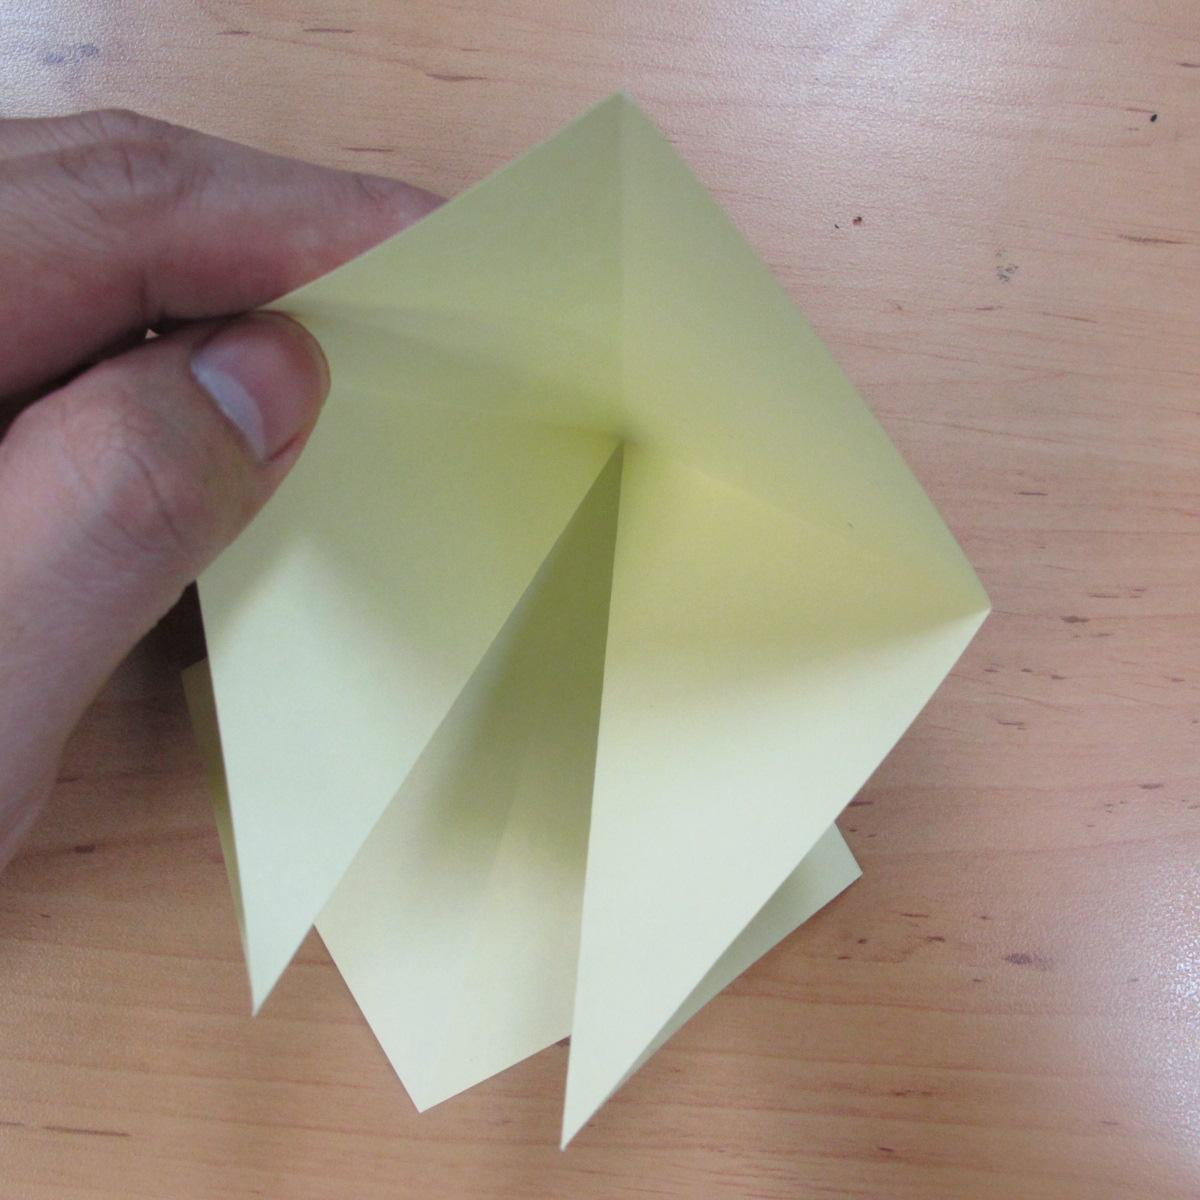 วิธีพับกระดาษเป็นดอกกุหลายแบบเกลียว 005